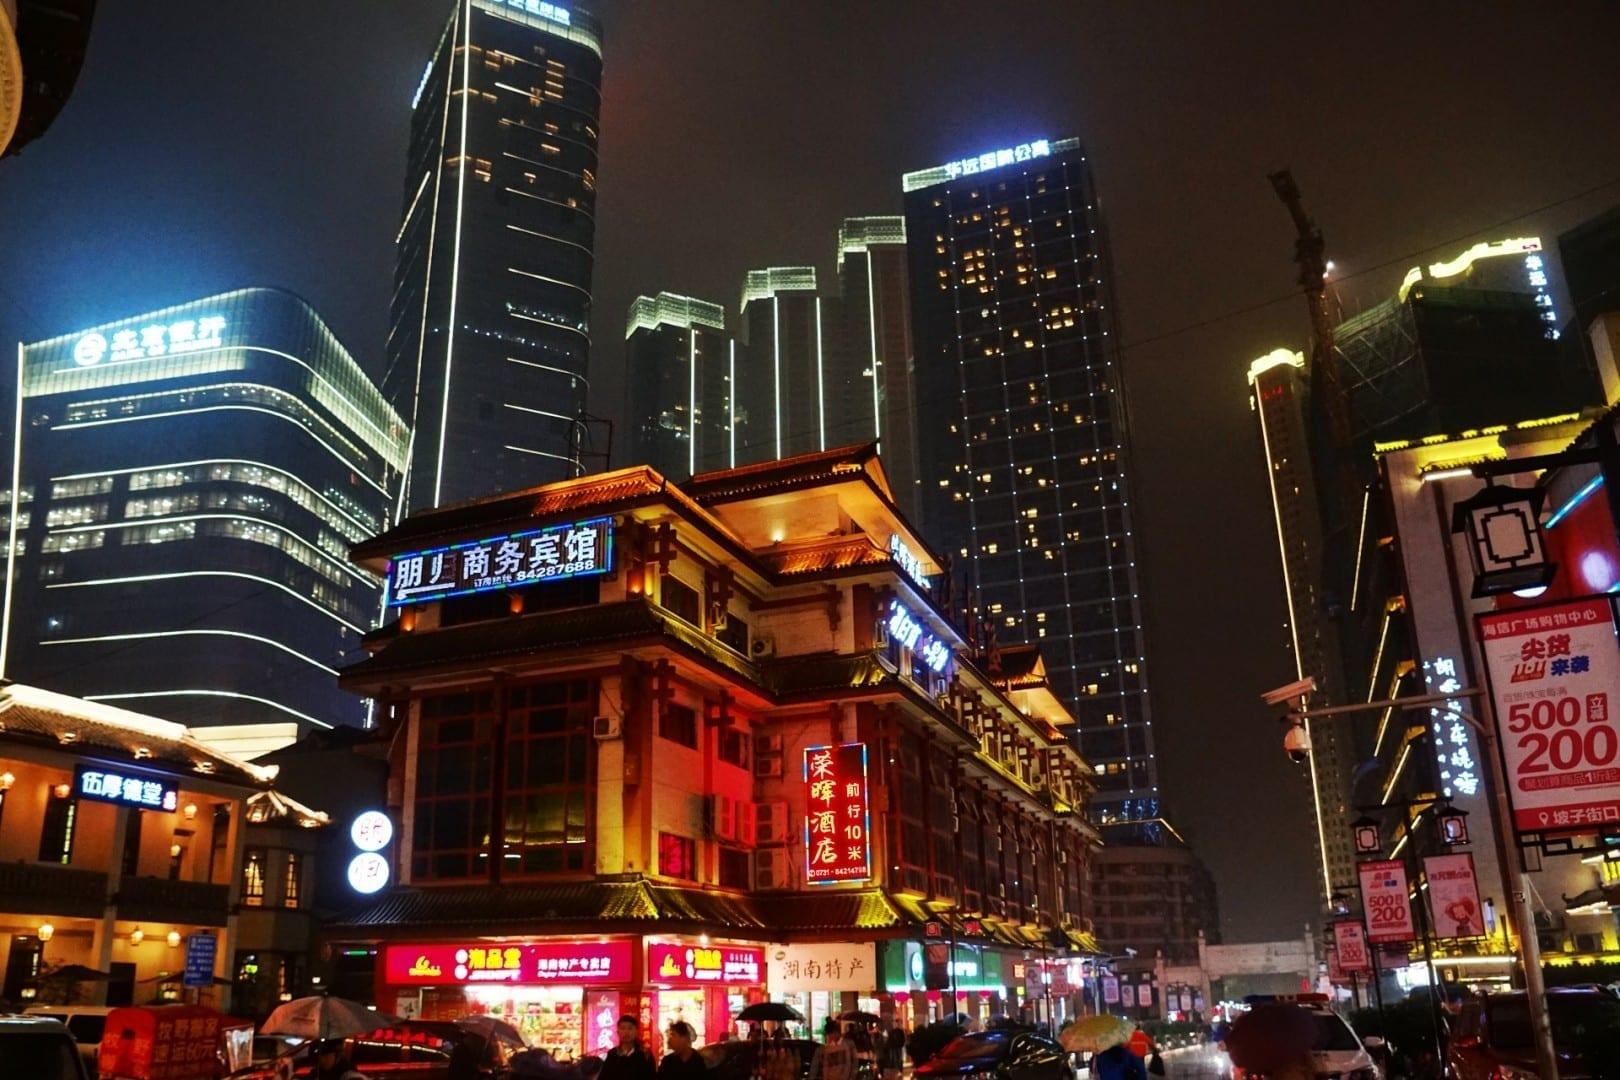 Edificios históricos y modernos en el distrito de Wuyi Changsha China